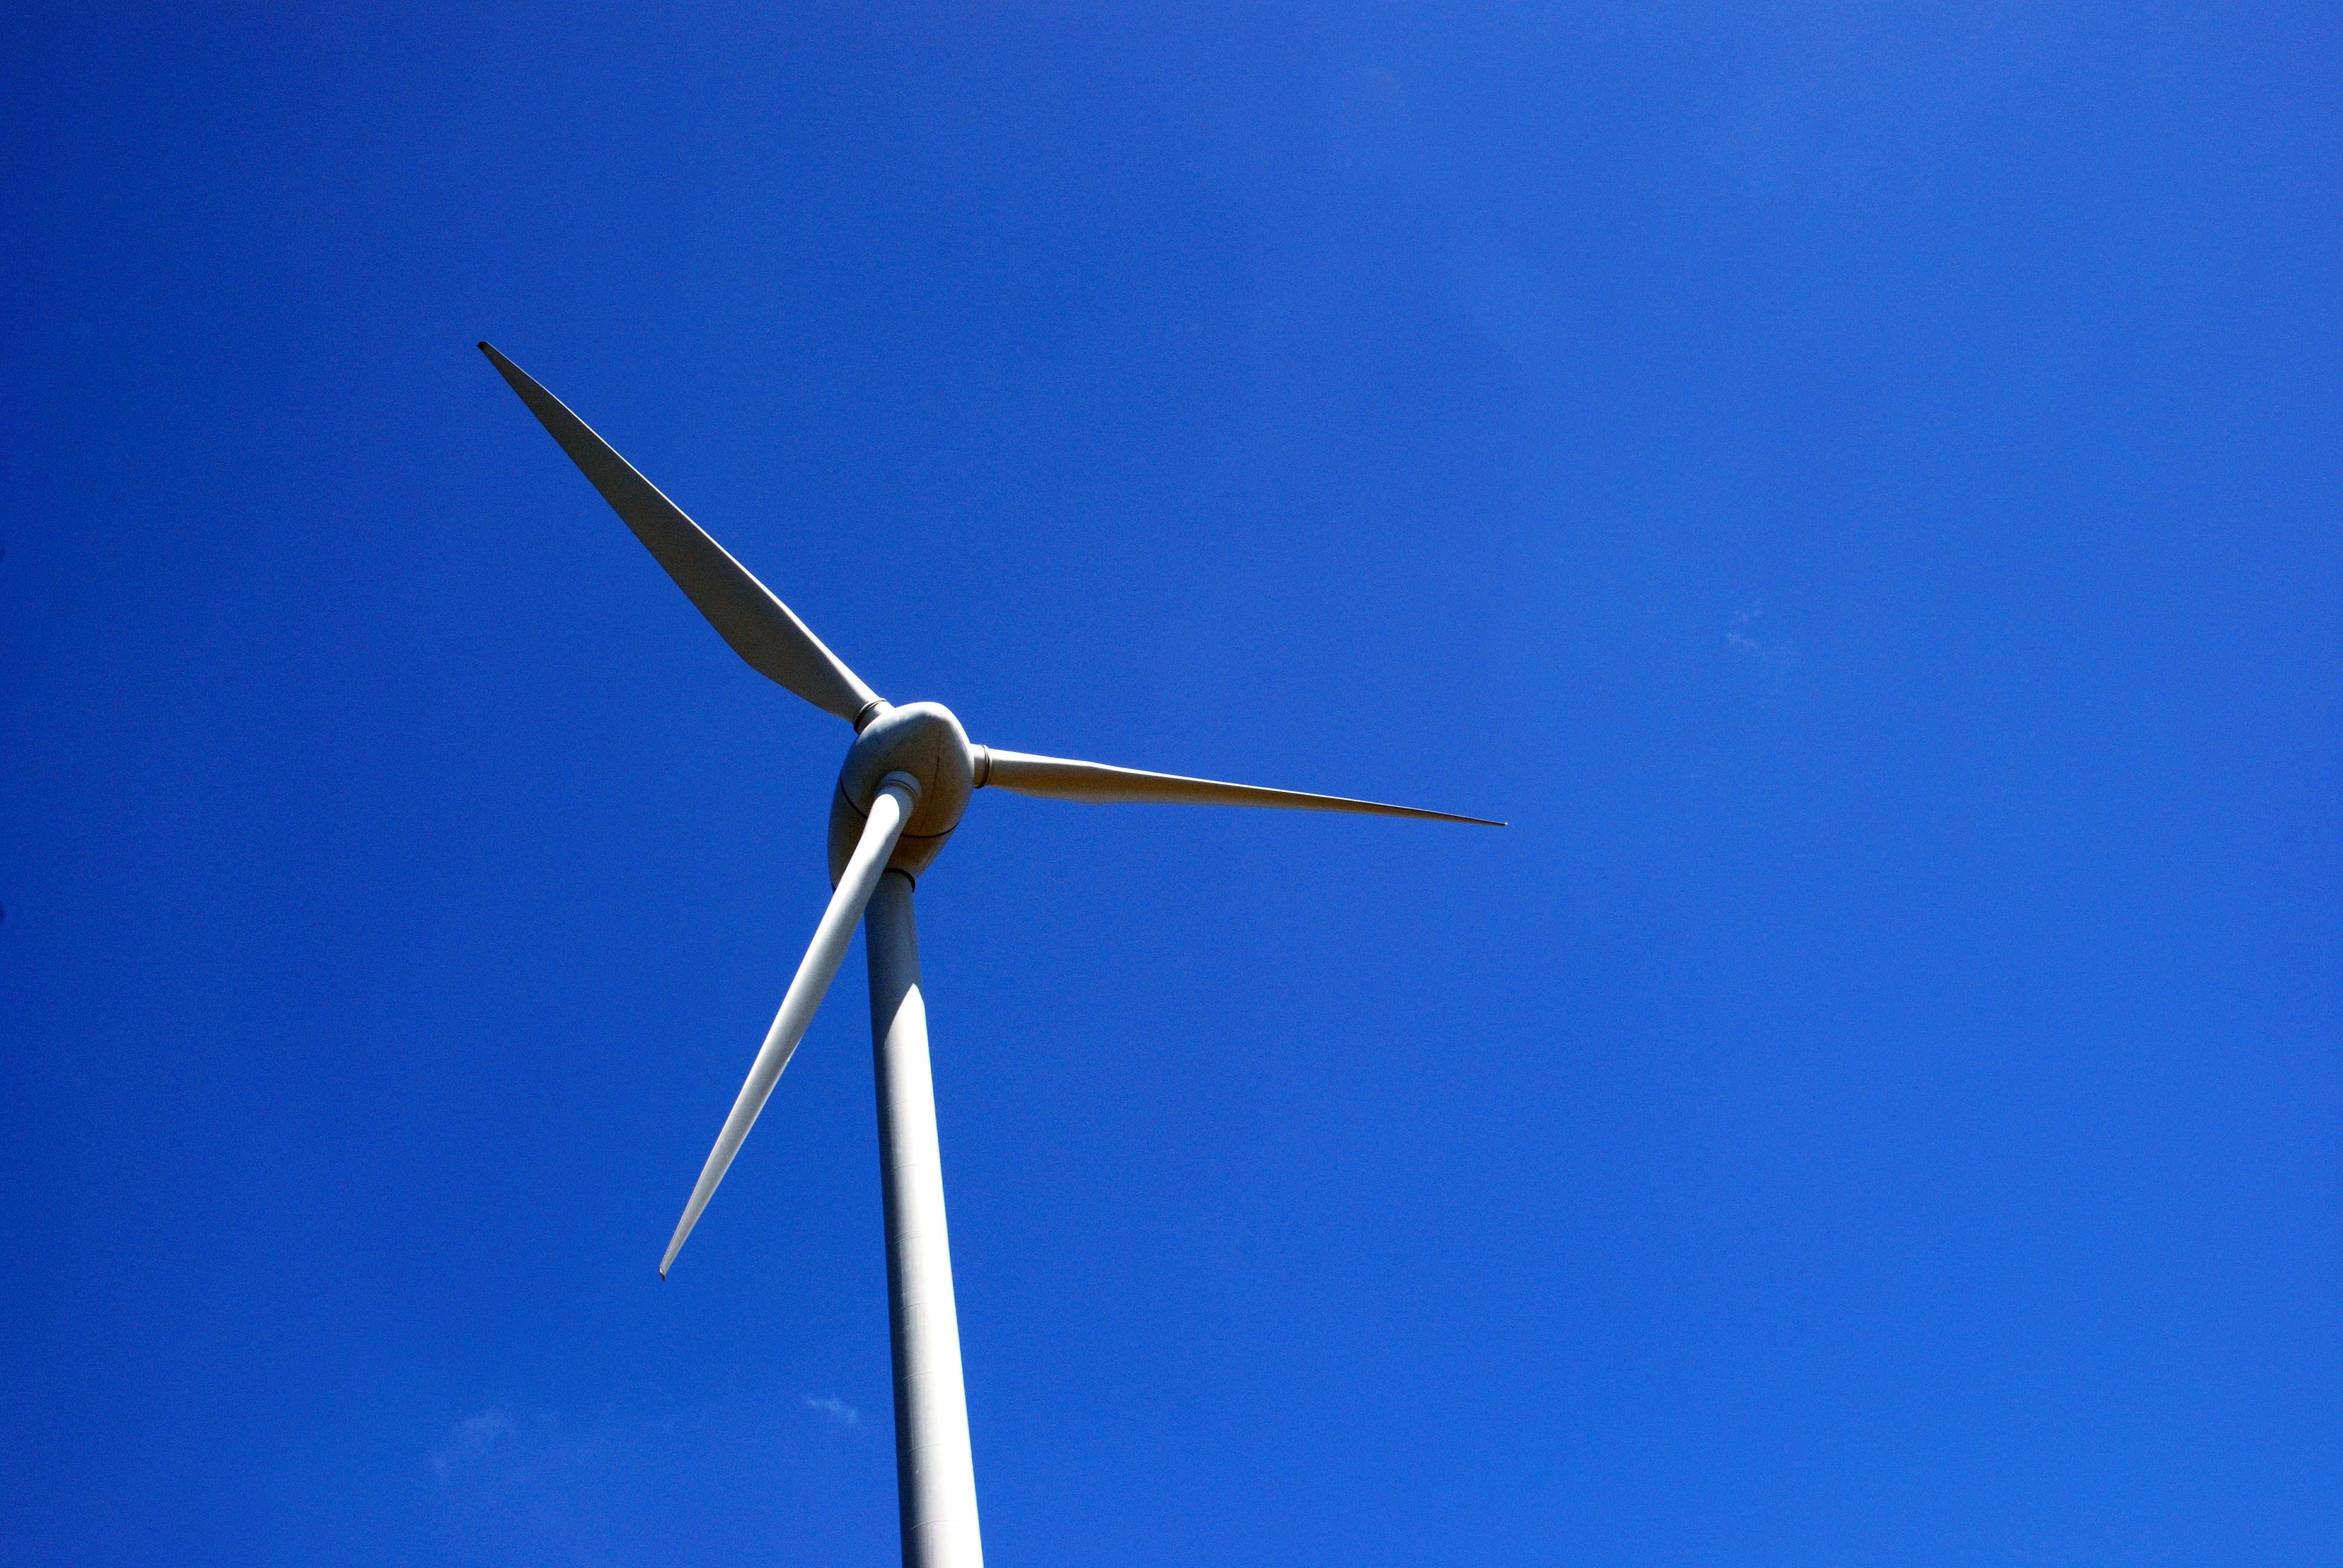 Muchas tecnologías de energías renovables han demostrado mejoras sustanciales en rendimiento energético y en reducción de costes, y han alcanzado el nivel de madurez necesario para su aplicación a escala significativa, señala el informe. Imagen: Gonçalo Carreira. Fuente: PhotoXpress.